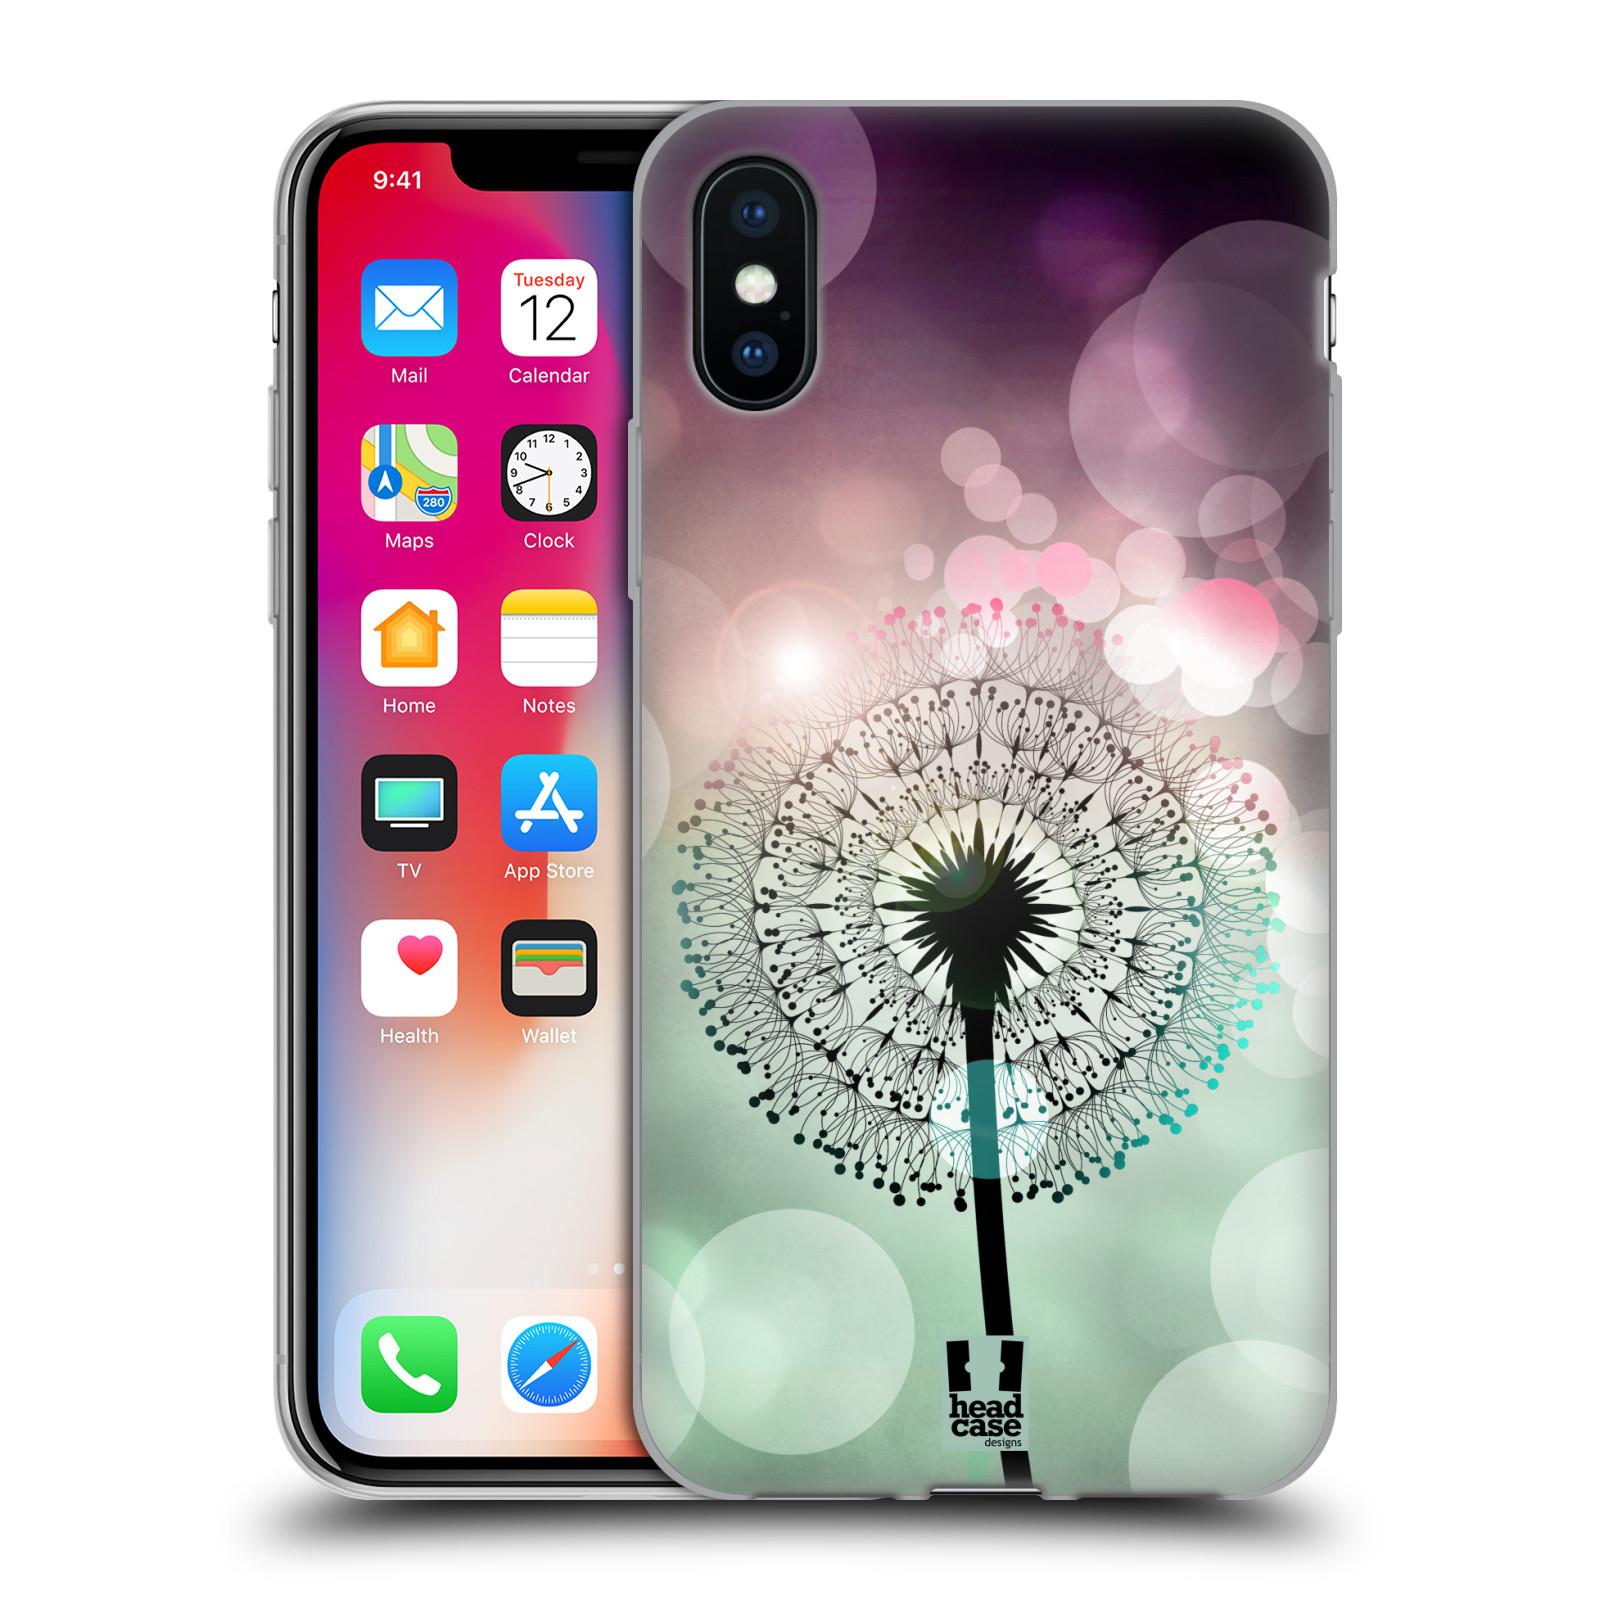 Silikonové pouzdro na mobil Apple iPhone XS - Head Case - Pampeliškové odlesky